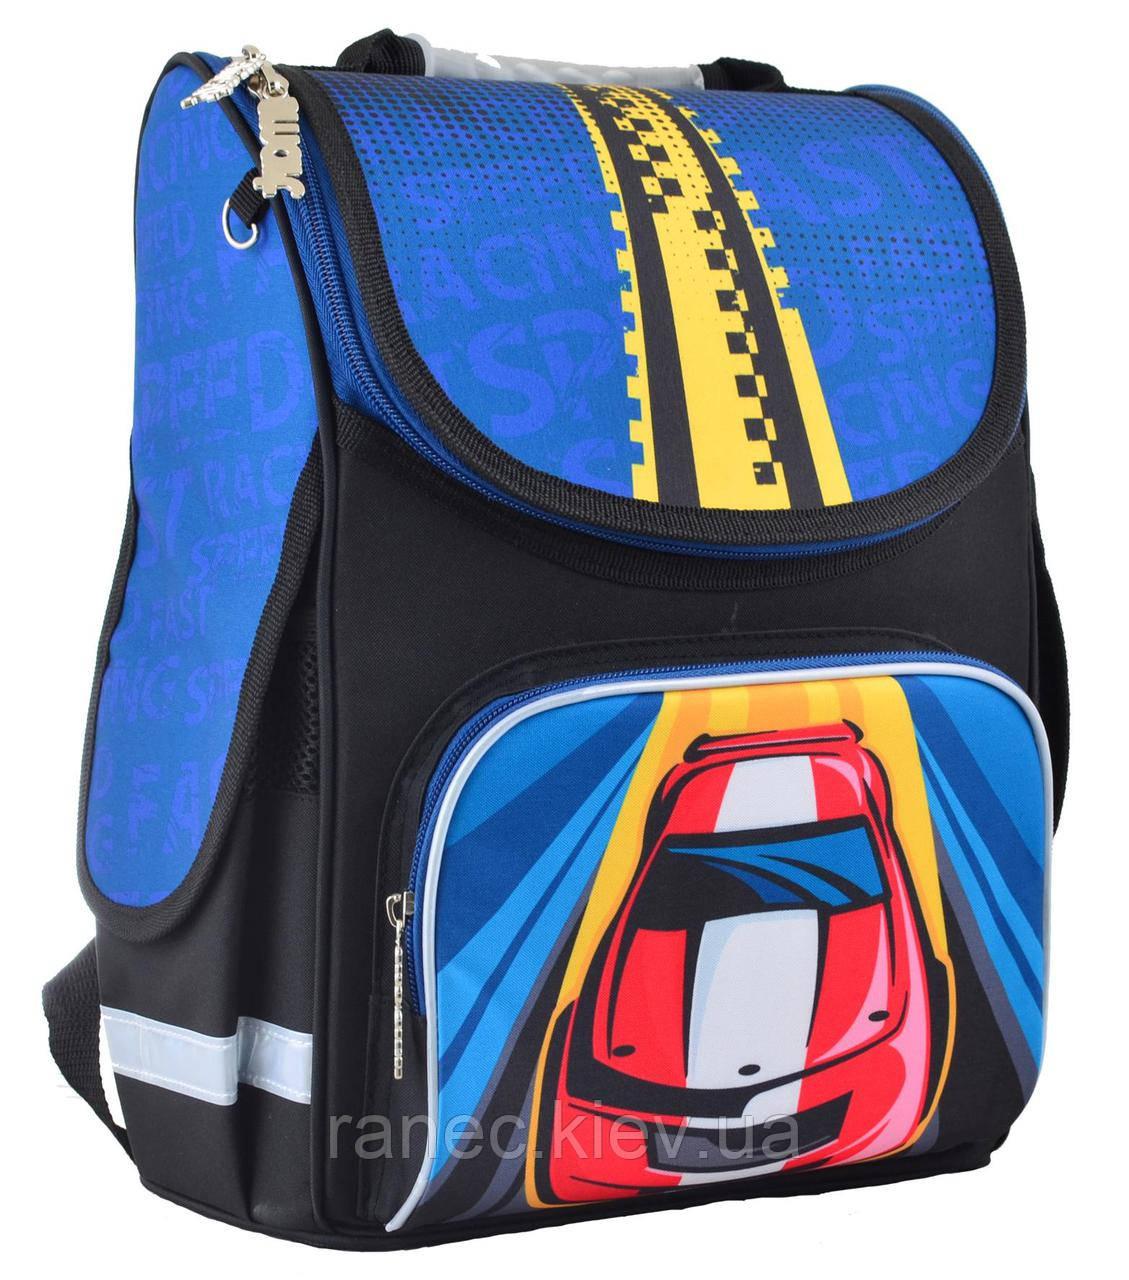 Рюкзак каркасный 1 вересня Smart PG-11 Car 554545